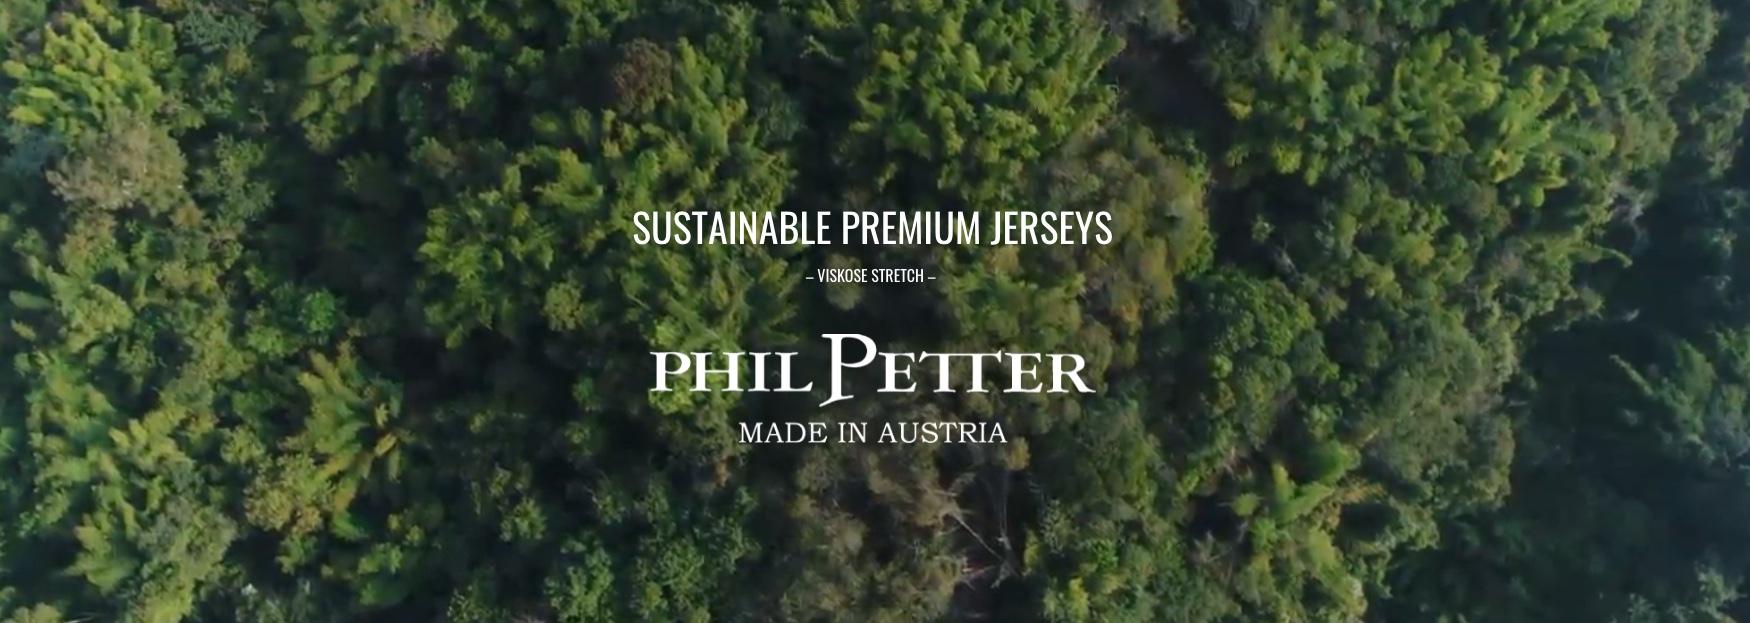 Premium Jersey Banner